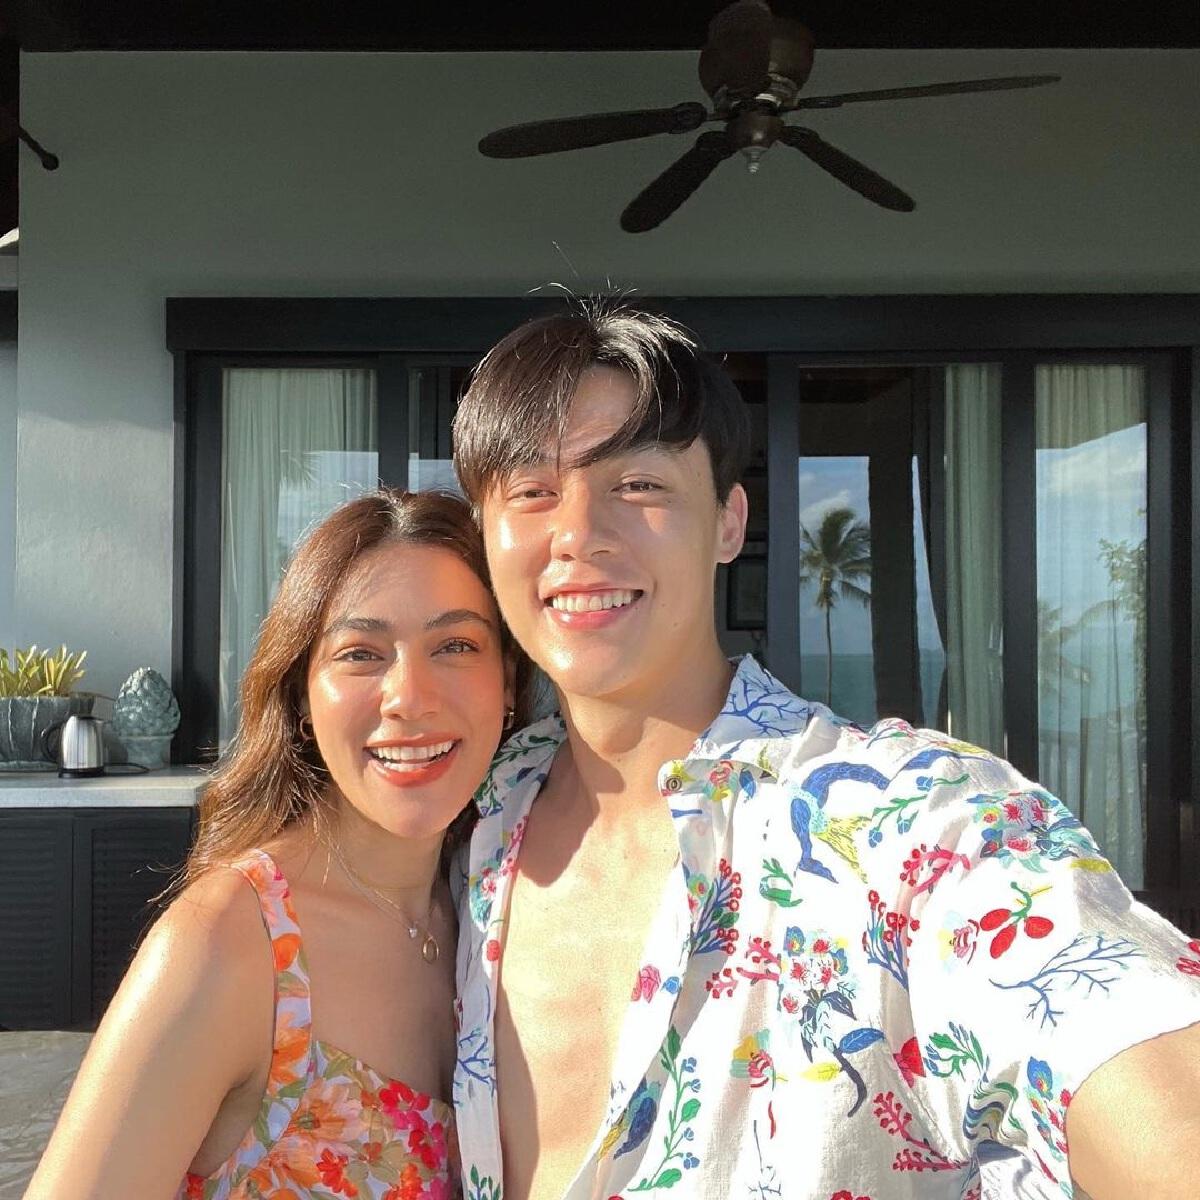 หมาก ปริญ จูงมือ คิมเบอร์ลี่ ฉลองรัก 8 ปี ริมทะเลสุดหวาน คนเชียร์แต่งเลย!